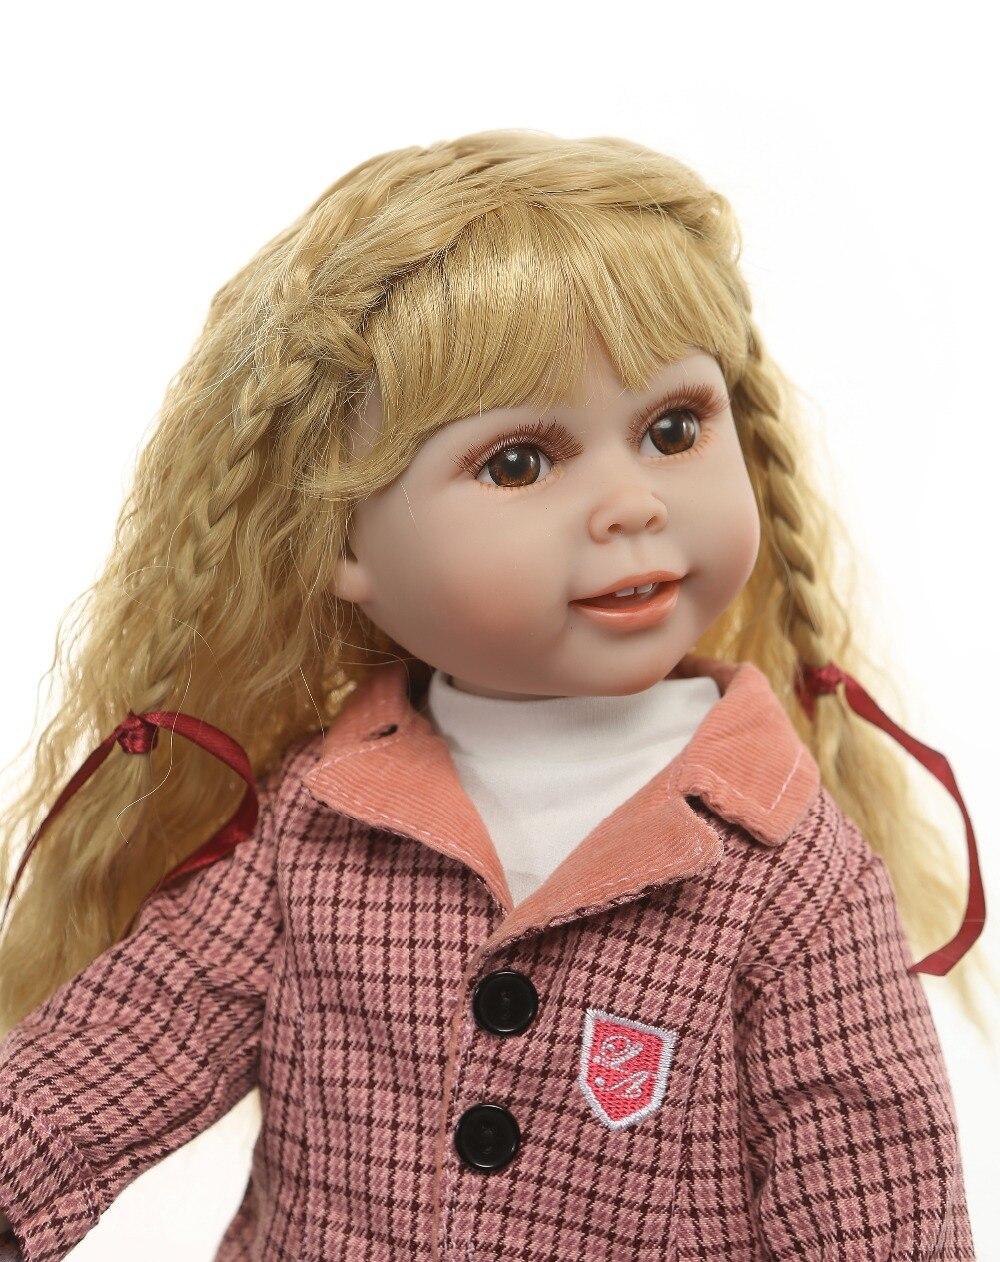 45 cm fille bebe reborn brun long cheveux raides poupées princesse Reborn bébé poupées plein à la main nouveau-né bébé poupée bébé jouets filles